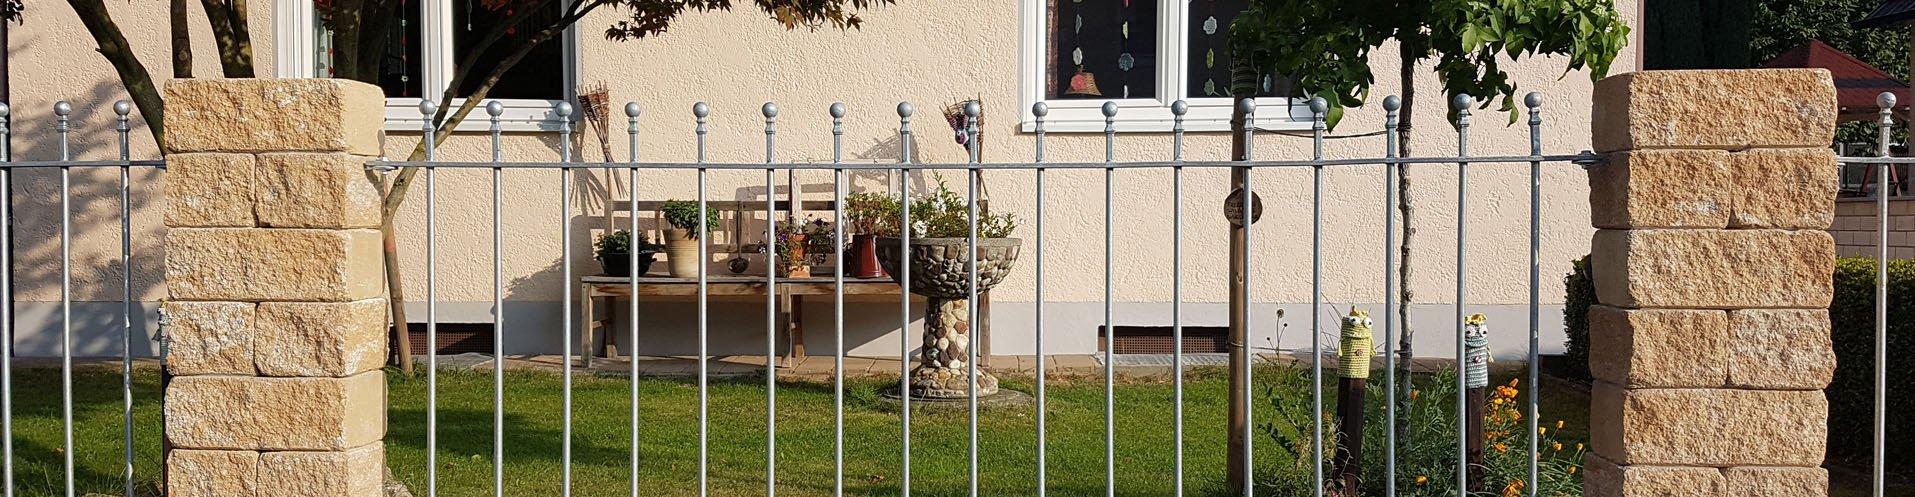 Gartenzaun Kosten